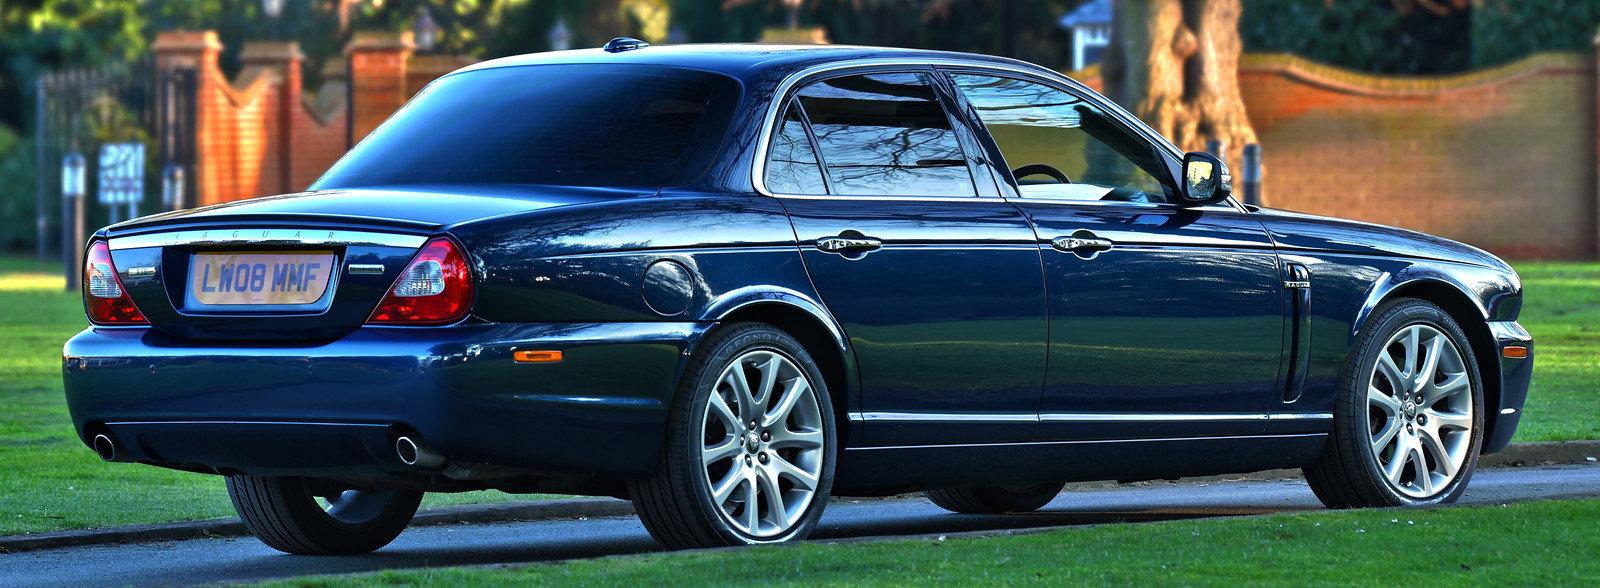 2008 Jaguar XJ8 Executive 4.2L For Sale (picture 2 of 6)